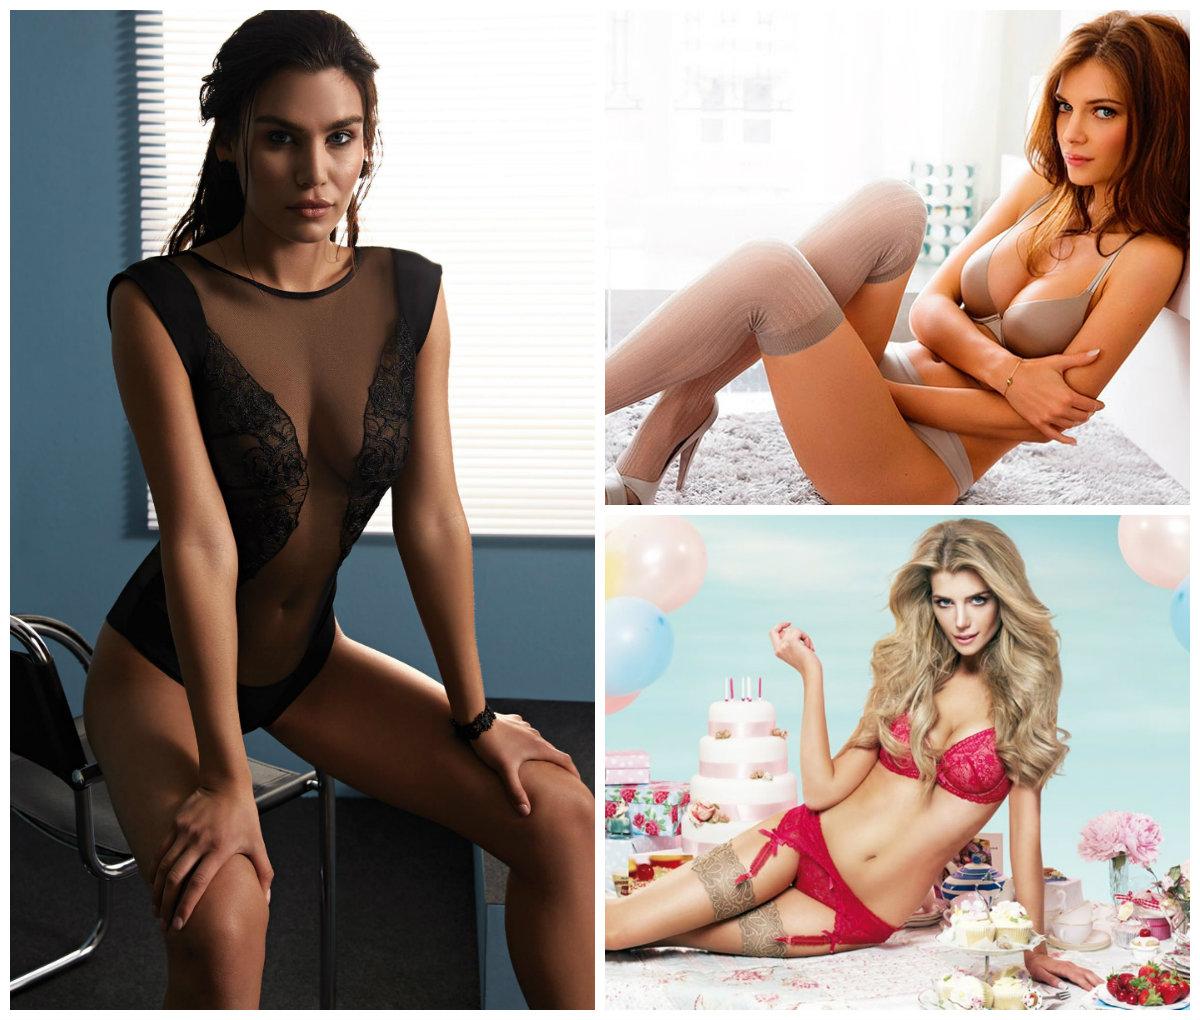 035bc0d005851 Поклонницы бренда Victoria's Secret не были разочарованы и в этот раз:  показ мод оказался впечатляющим фееричным шоу. Модное нижнее белье 2018 в  этой ...